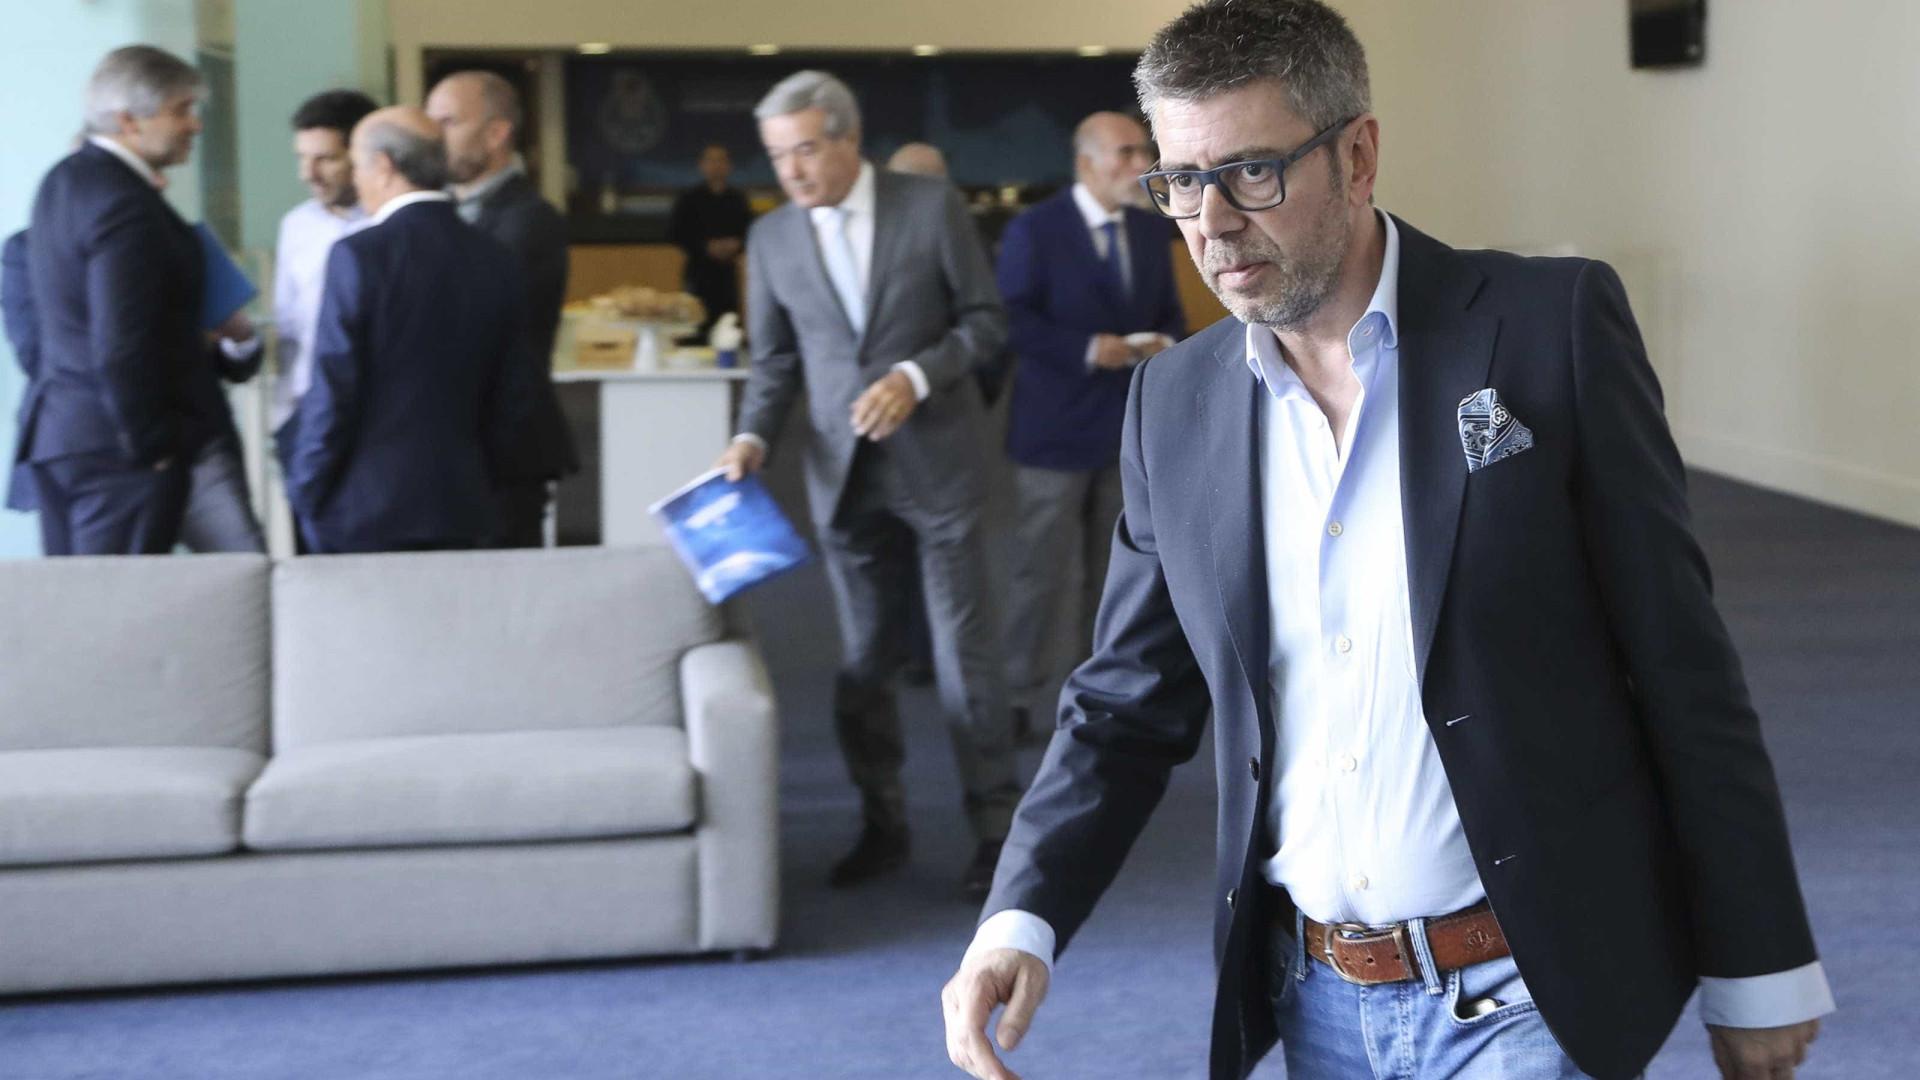 """J. Marques critica a APAF: """"Há silêncios muito comprometedores"""""""